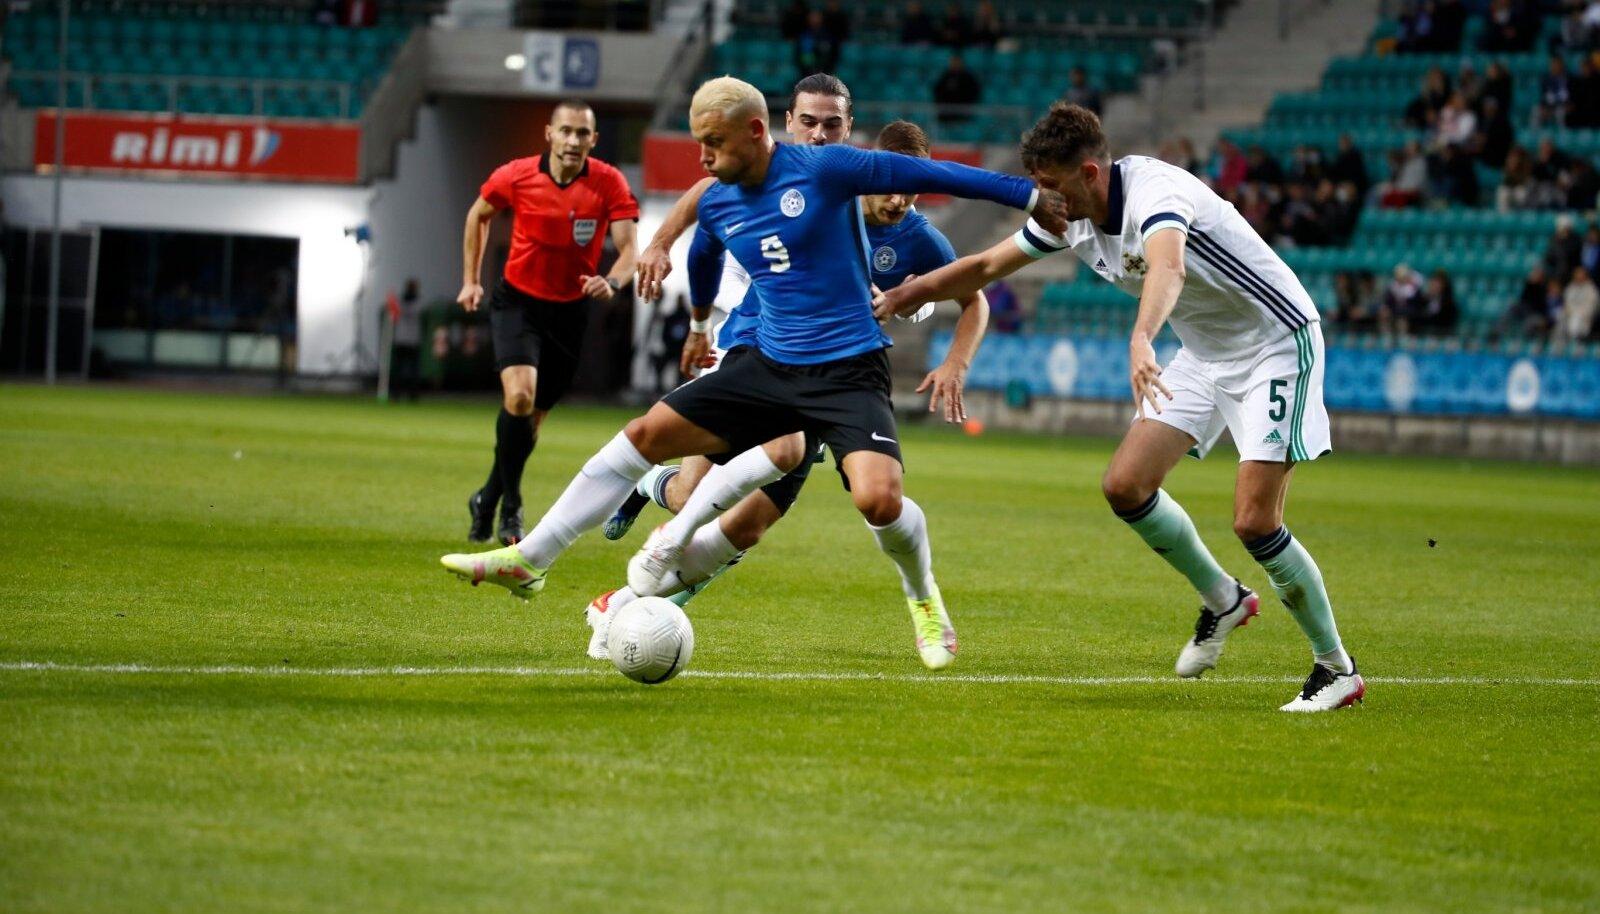 Eesti koondis sai teise kaotuse järjest. Seekord jäi puudu rünnakuteravust. Eelkõige viimases söödus, nii et pall ei jõudnud ründajateni (pildil Erik Sorga) ohtlikus positsioonis.